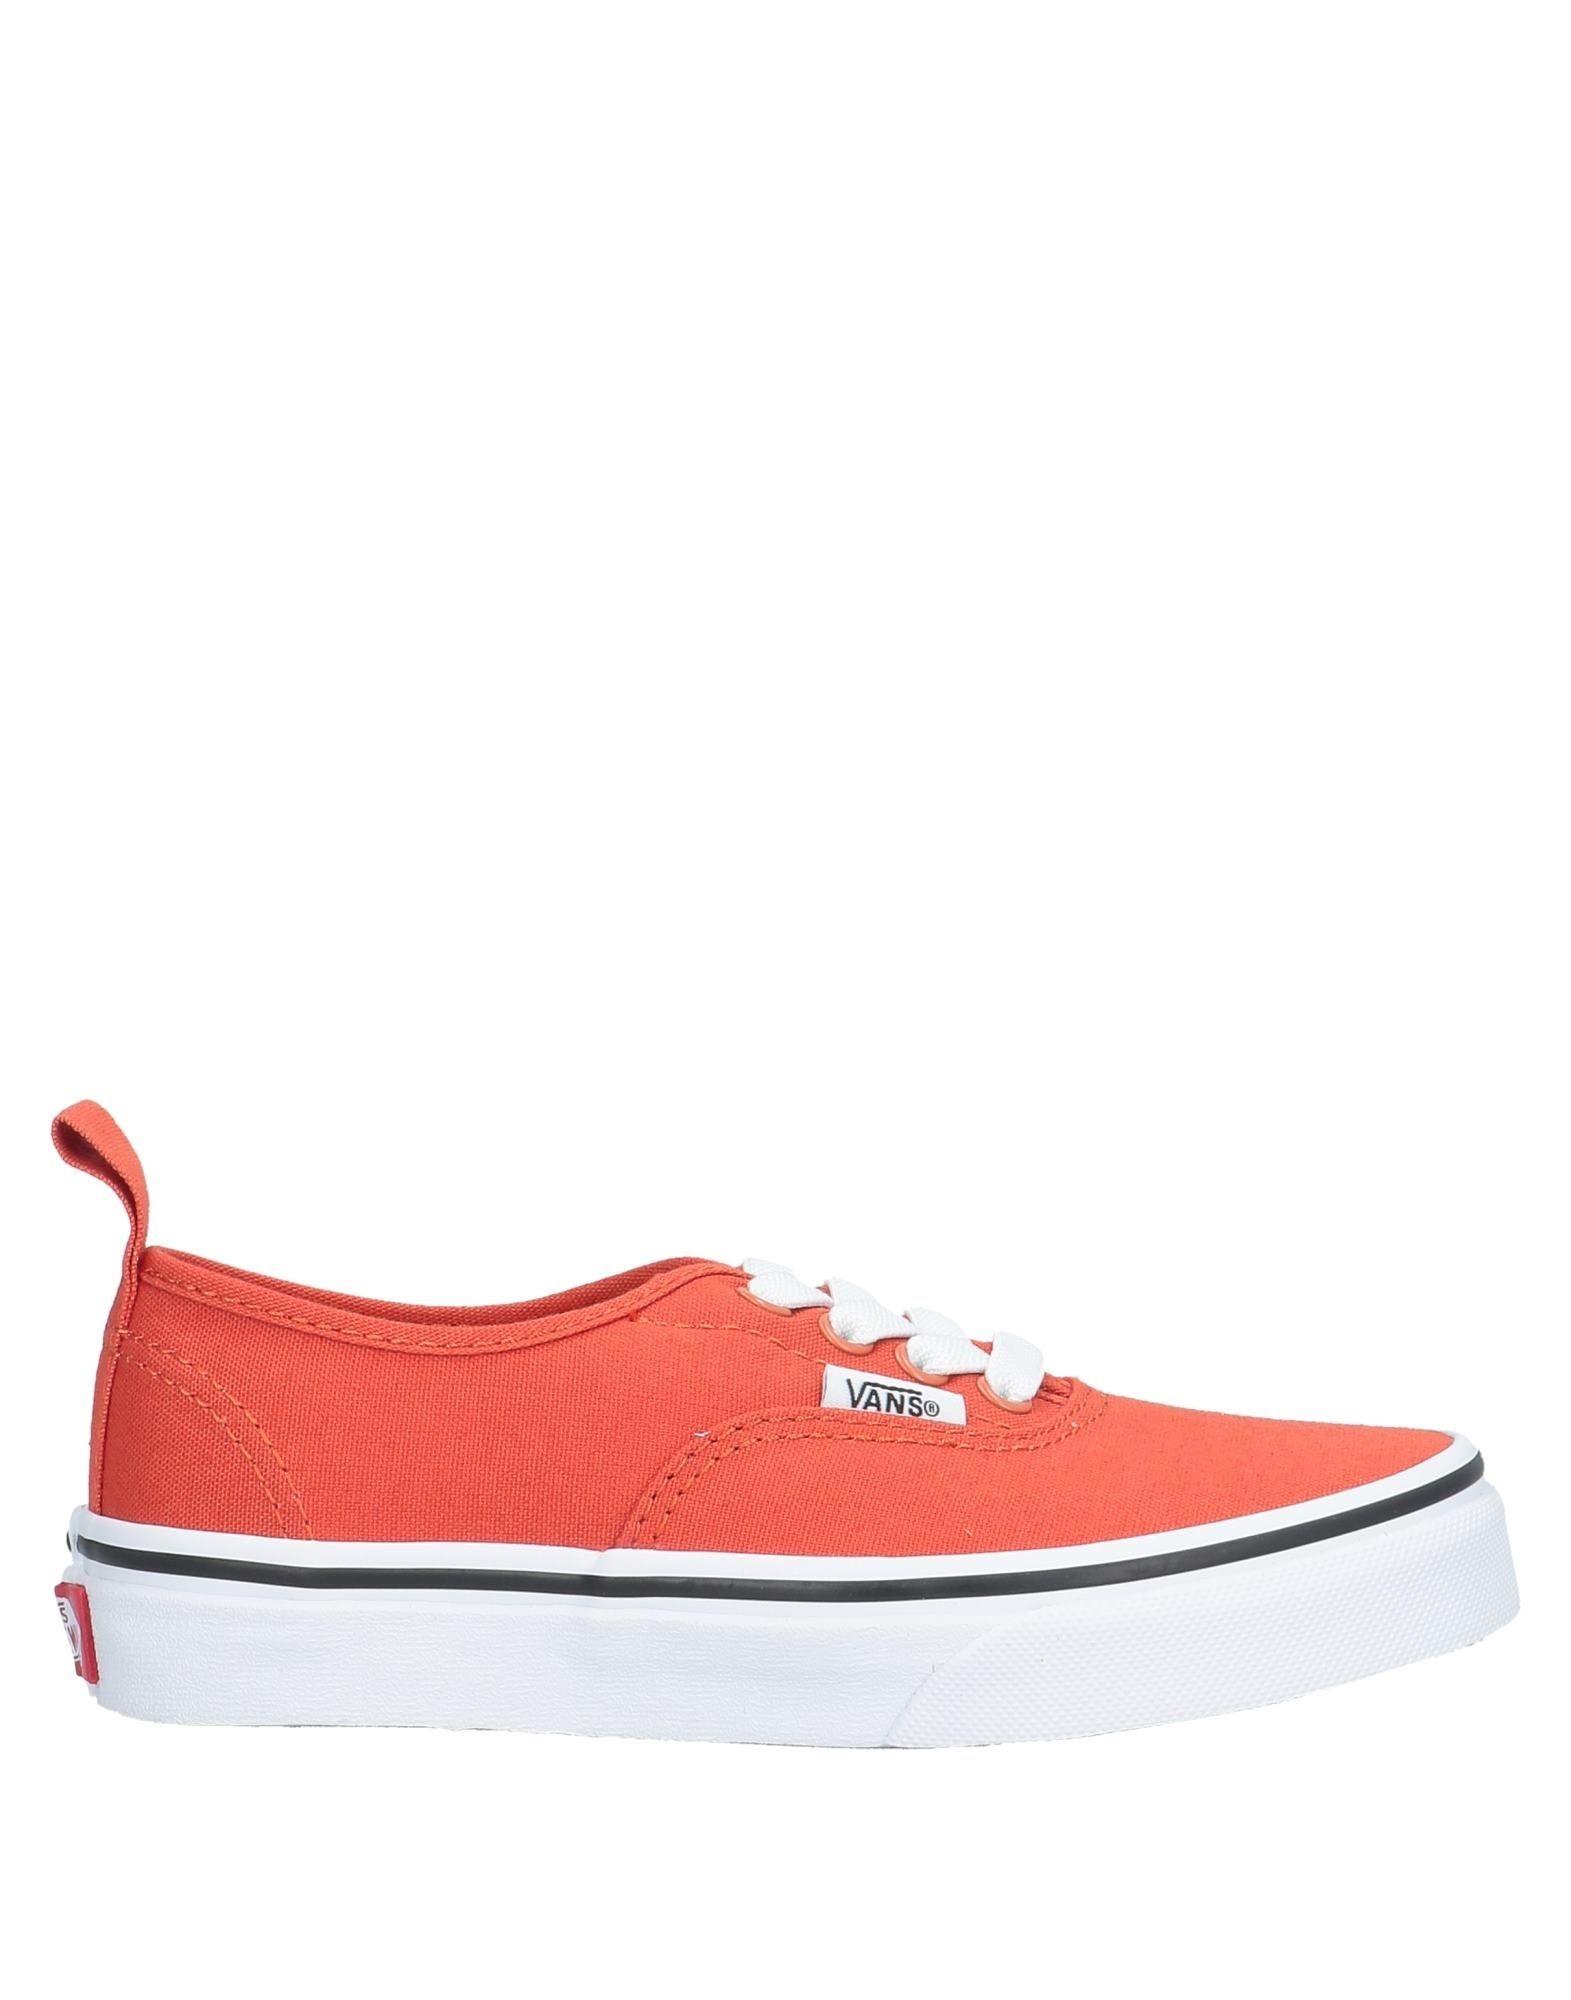 YOOX.COM(ユークス)《セール開催中》VANS Unisex スニーカー&テニスシューズ(ローカット) オレンジ 2.5Y 紡績繊維